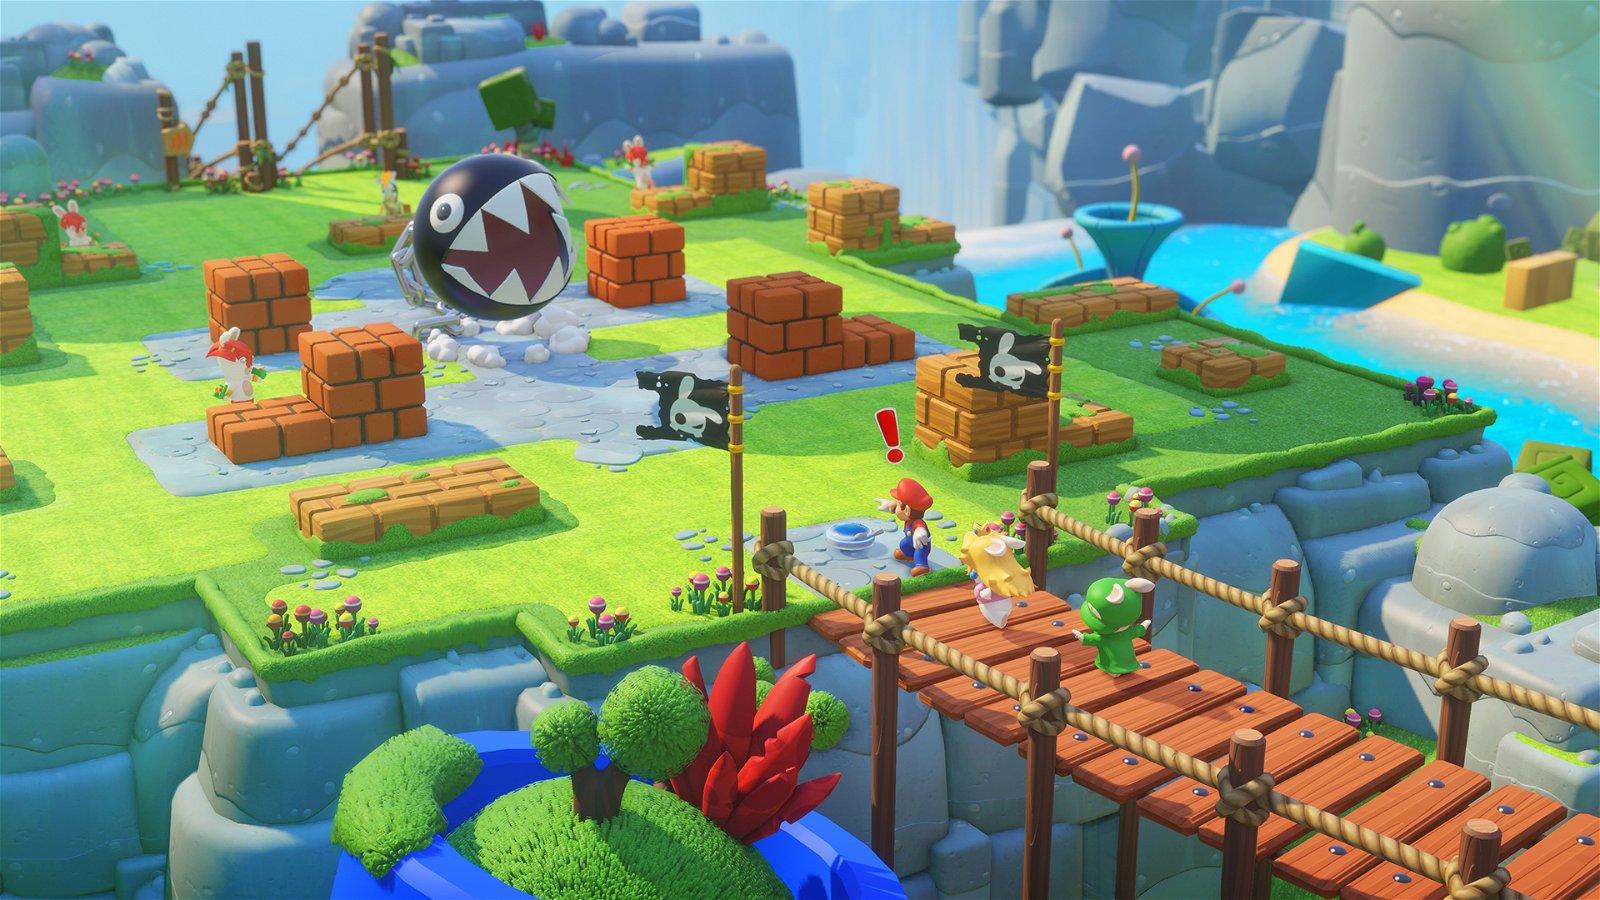 Mario+Rabbids: Kingdom Battle E3 2017 Preview 1